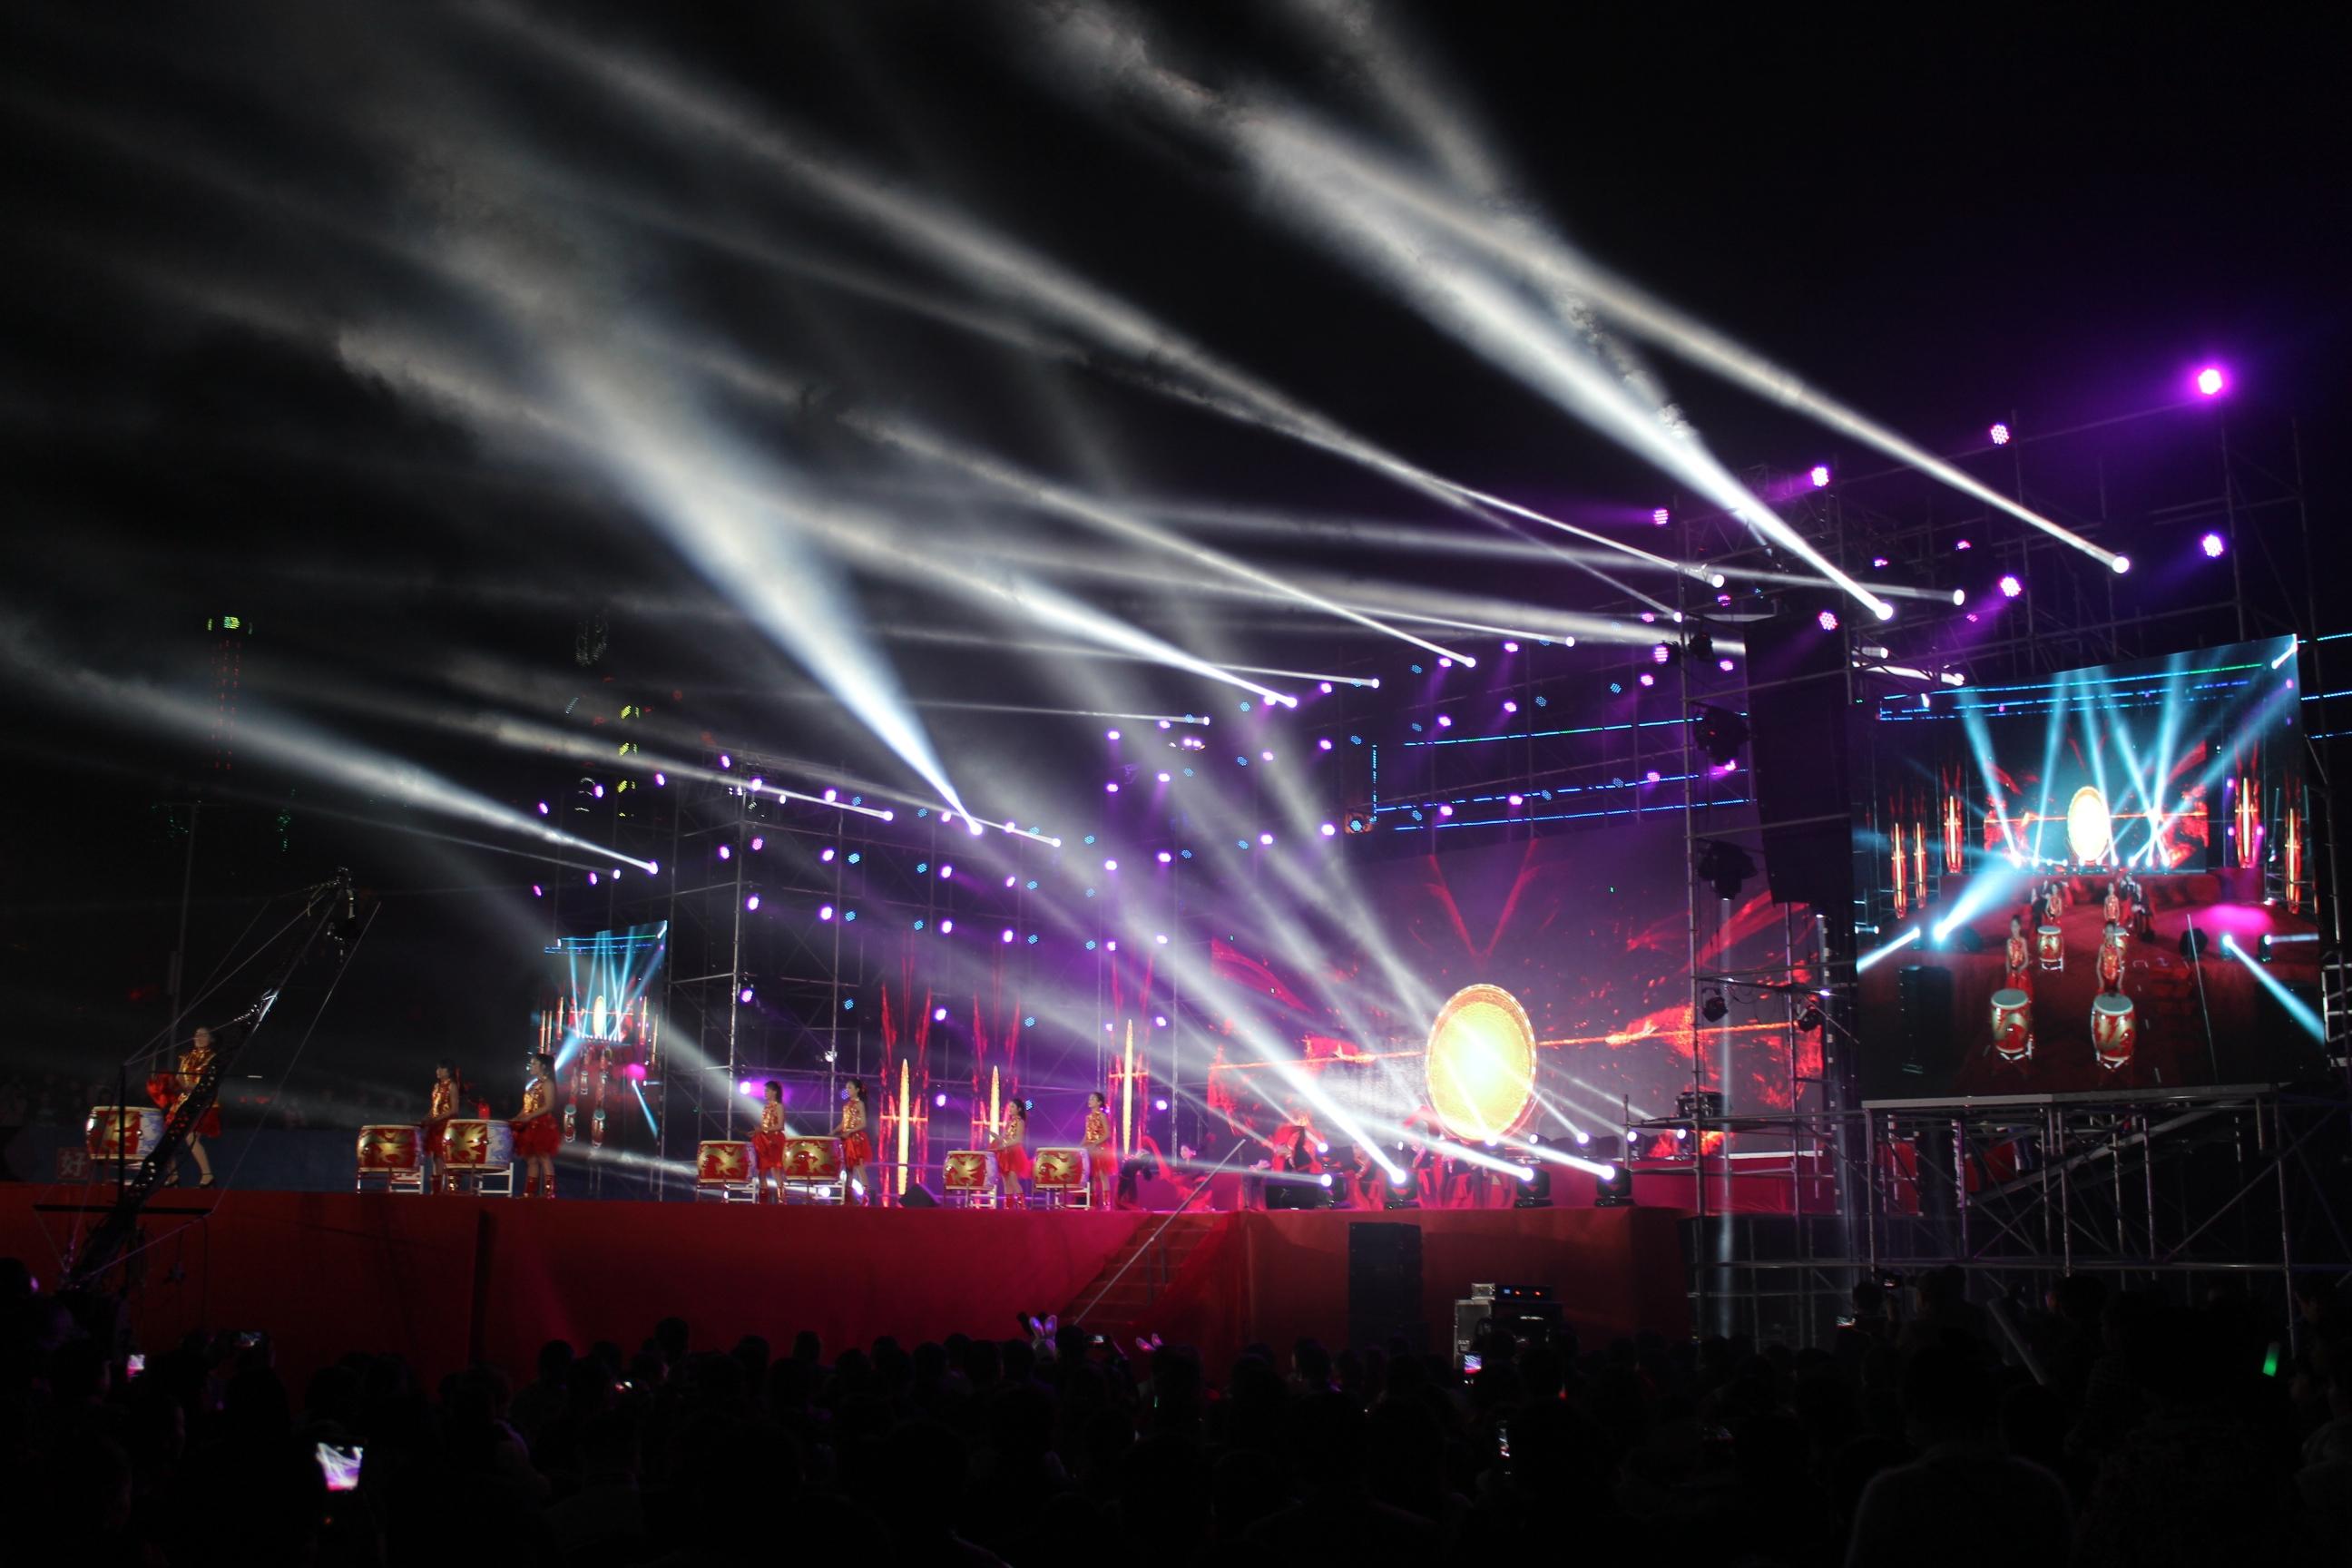 歌手阿杜等倾力献唱 五龙山群星演唱会圆满落幕